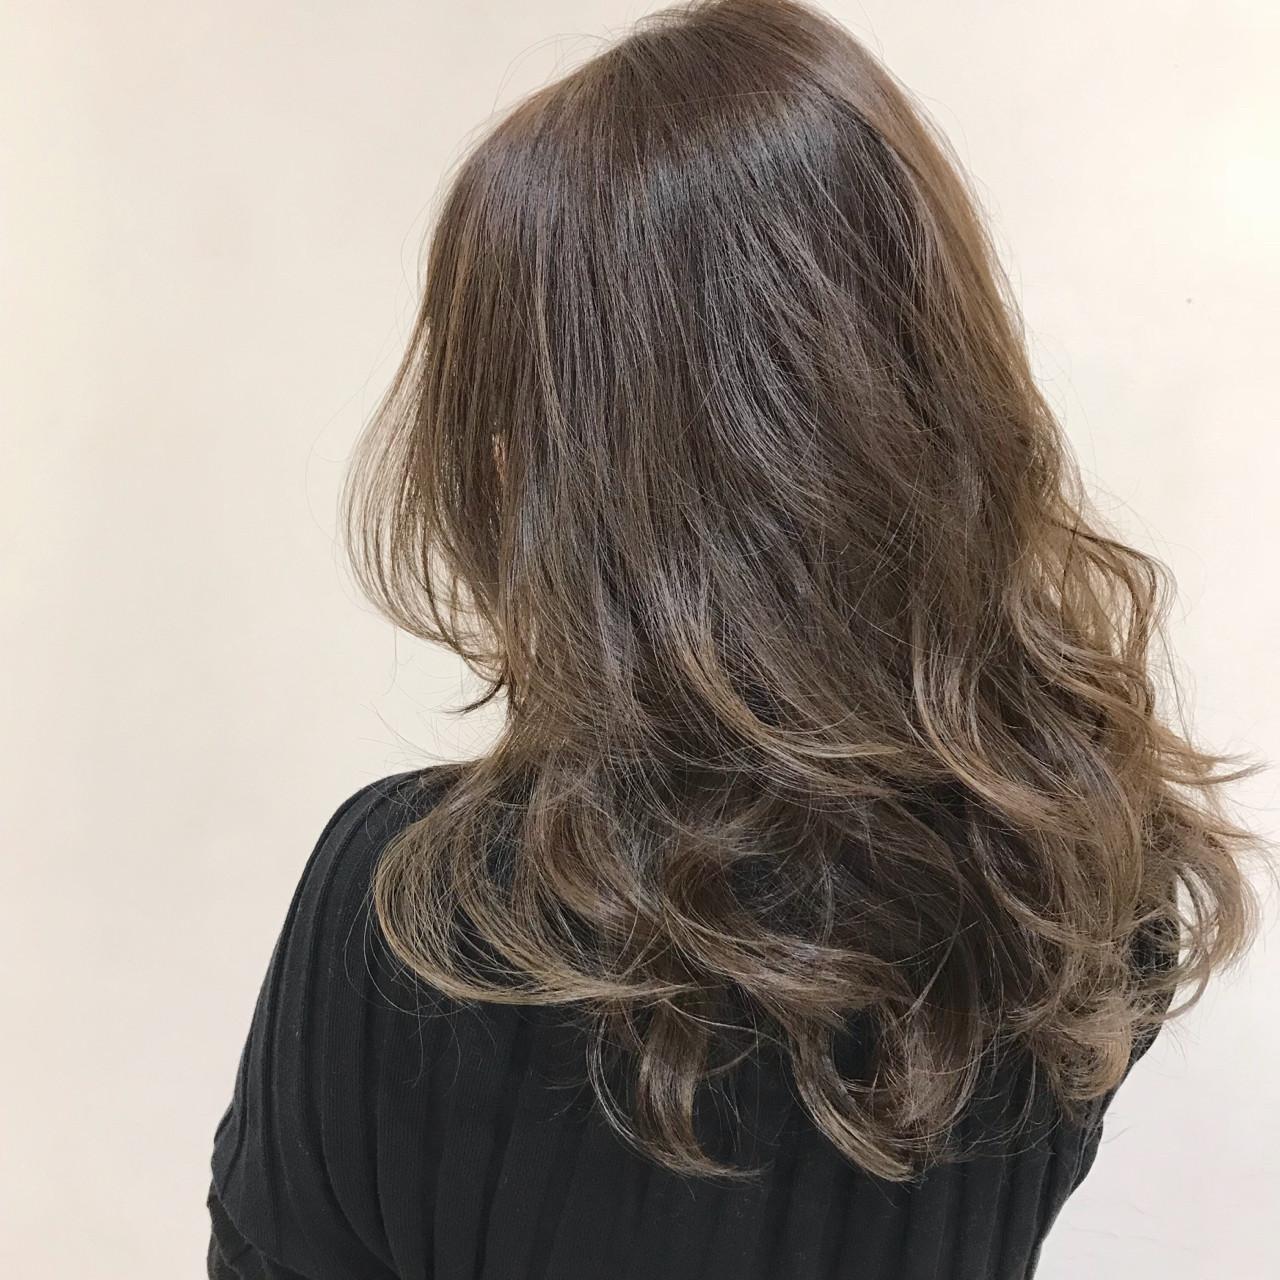 ゆるふわ ハイライト 外国人風カラー アッシュ ヘアスタイルや髪型の写真・画像